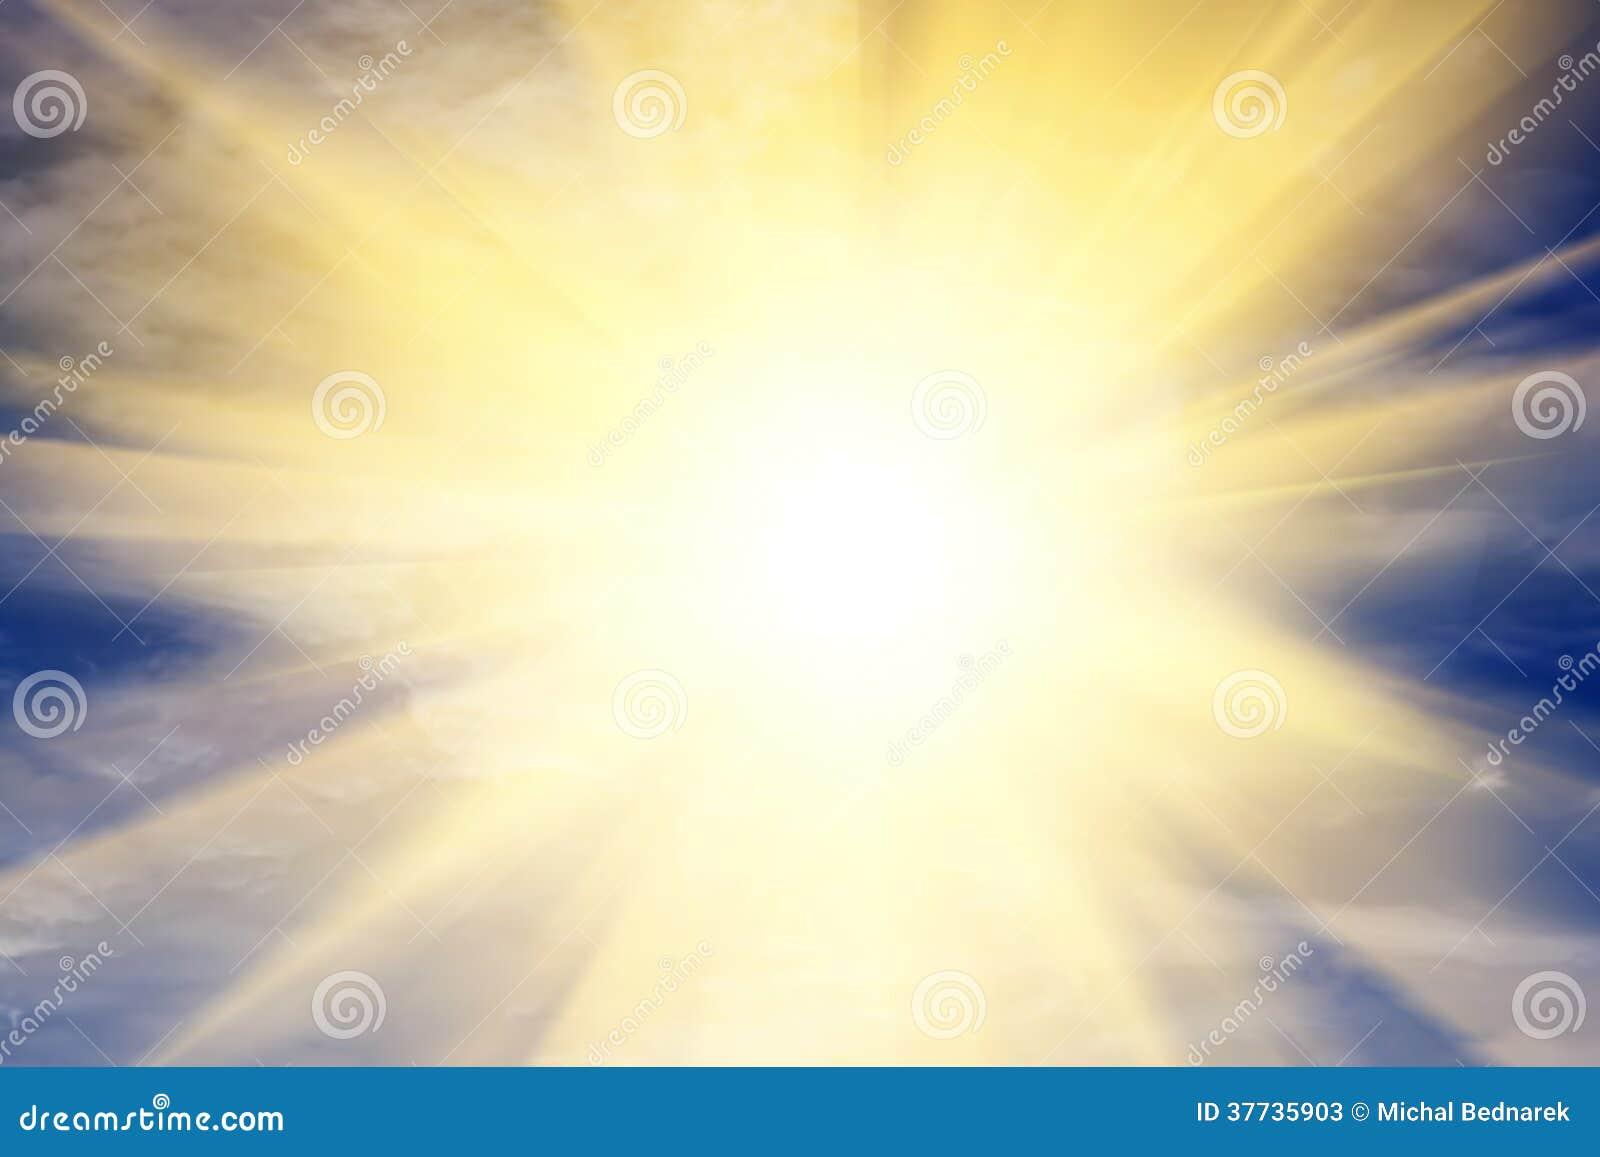 Explosion av ljus in mot himmel, sol. Religion